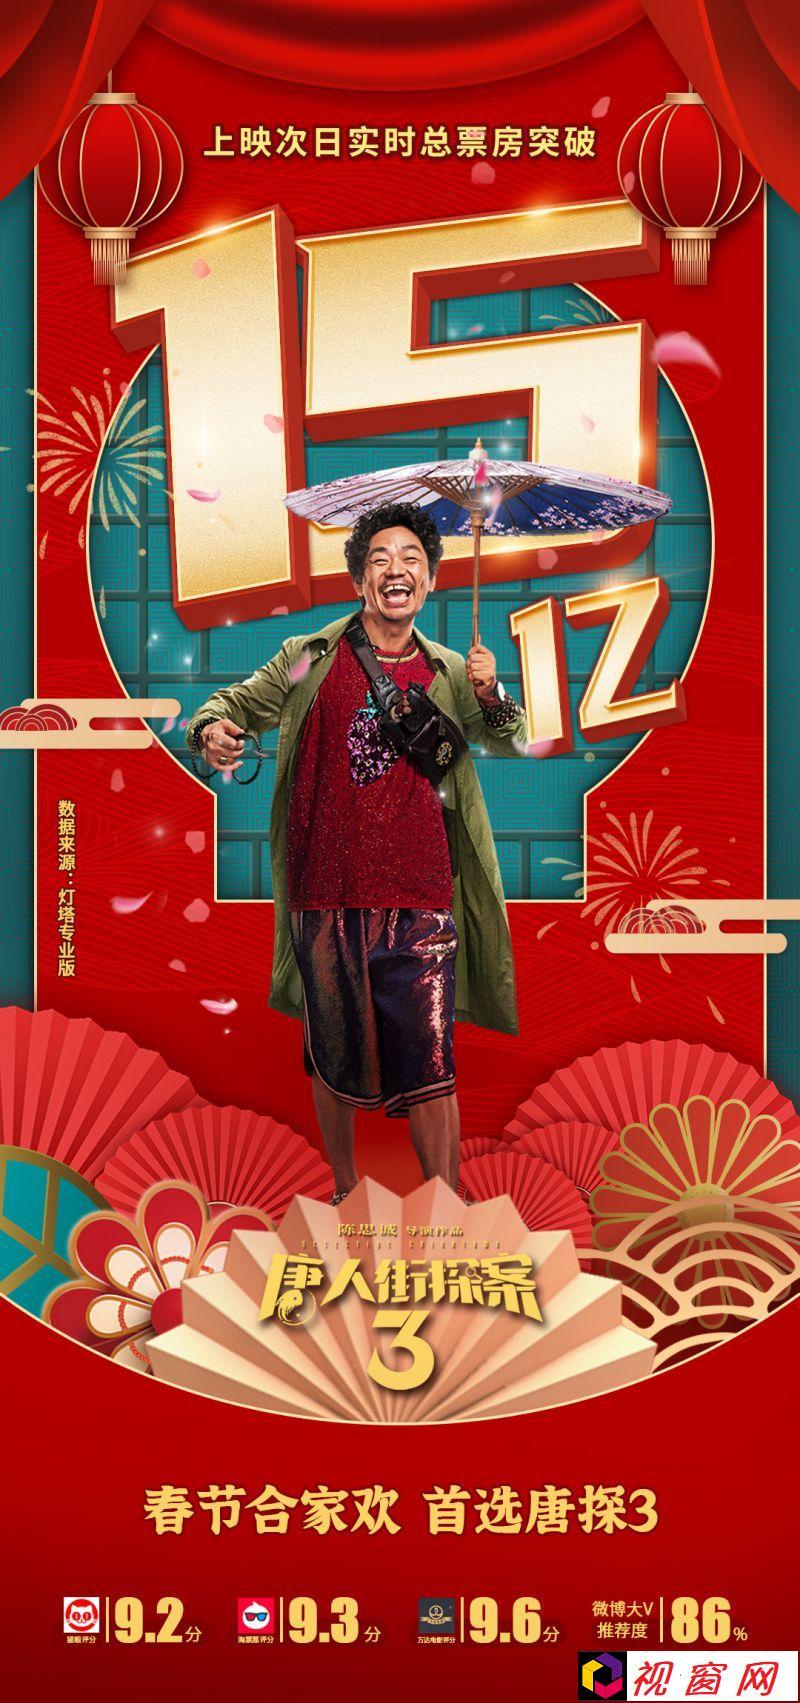 电影《唐人街探案3》上映第二天票房破15亿,最快破15亿影片!